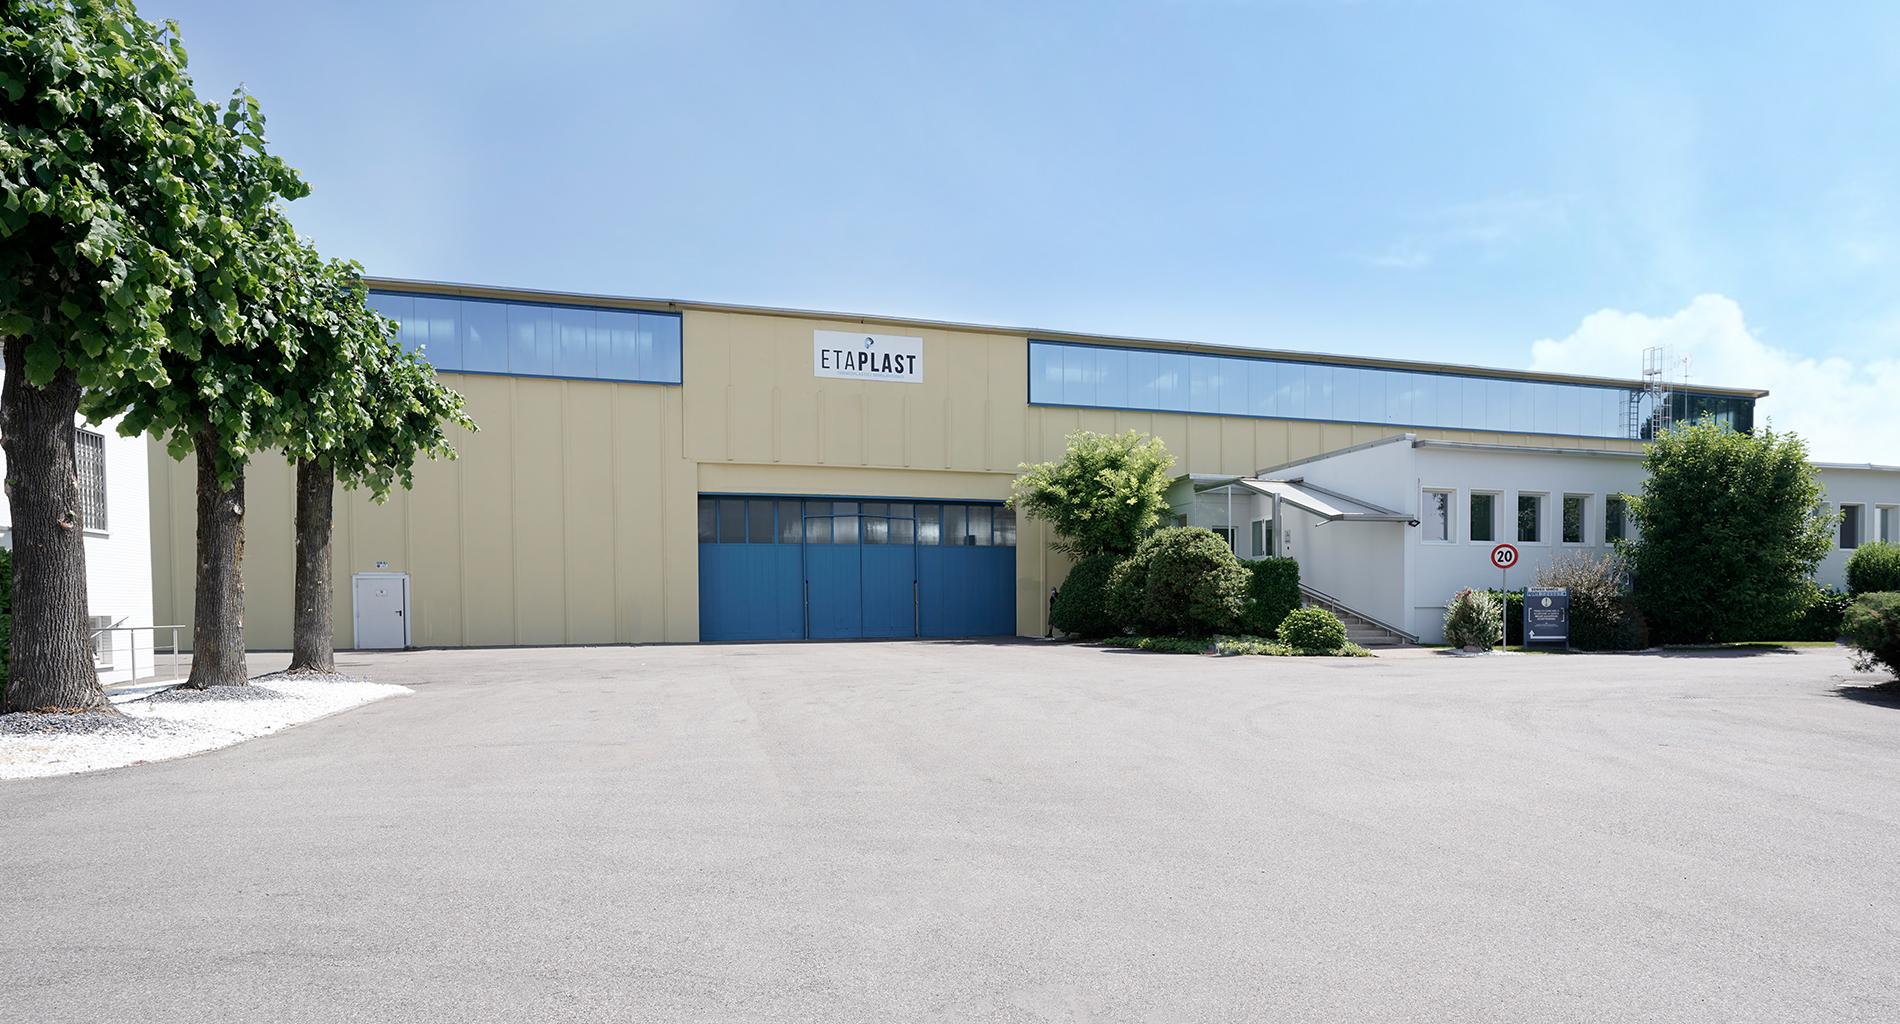 esterno fabbrica etaplast